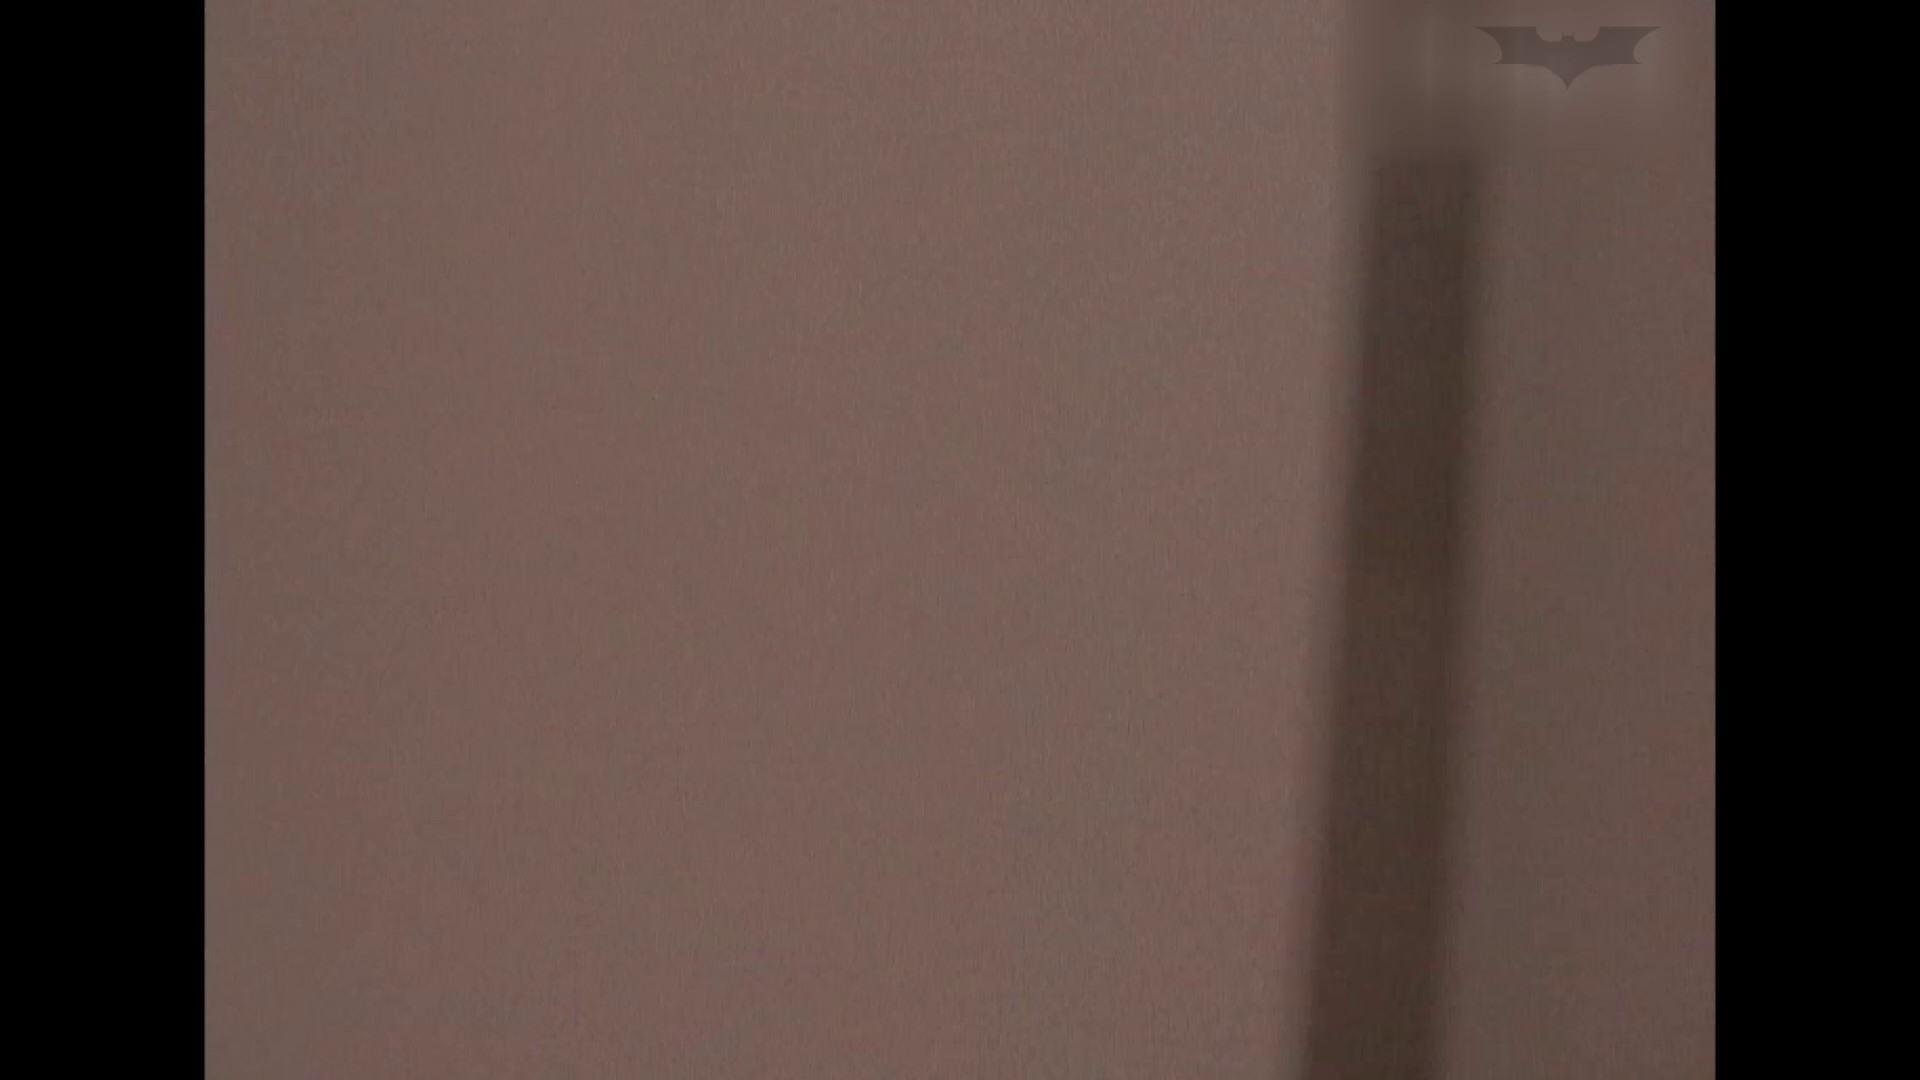 ●生マンコ綺麗にツルぴかですね 期間限定神キタ!ツルピカの放nyo!Vol.20 うんこ好き   期間限定  62連発 5